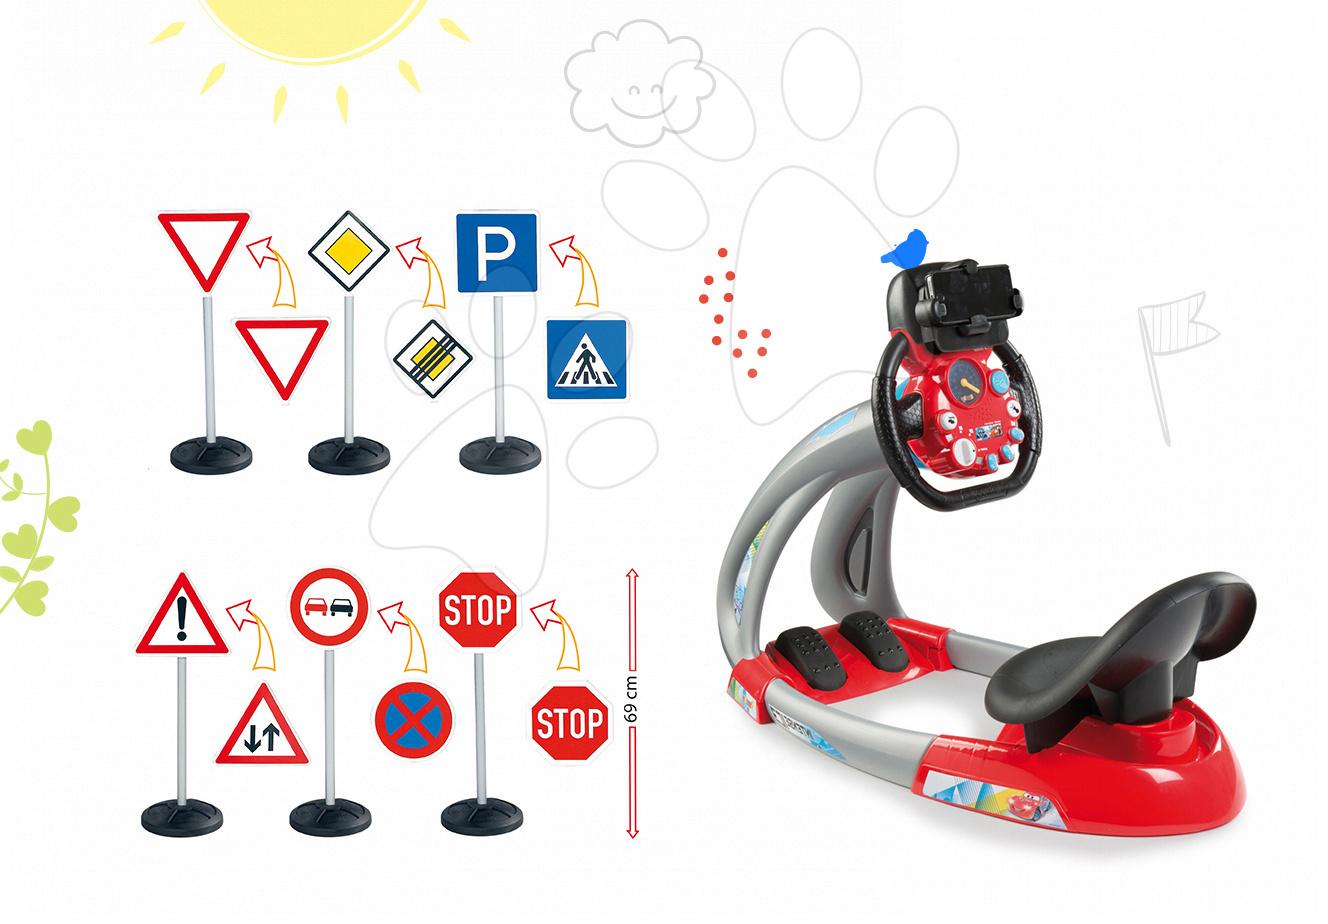 Smoby detský elektronický trenažér V8 Driver a BIG dopravné značky 370206-10